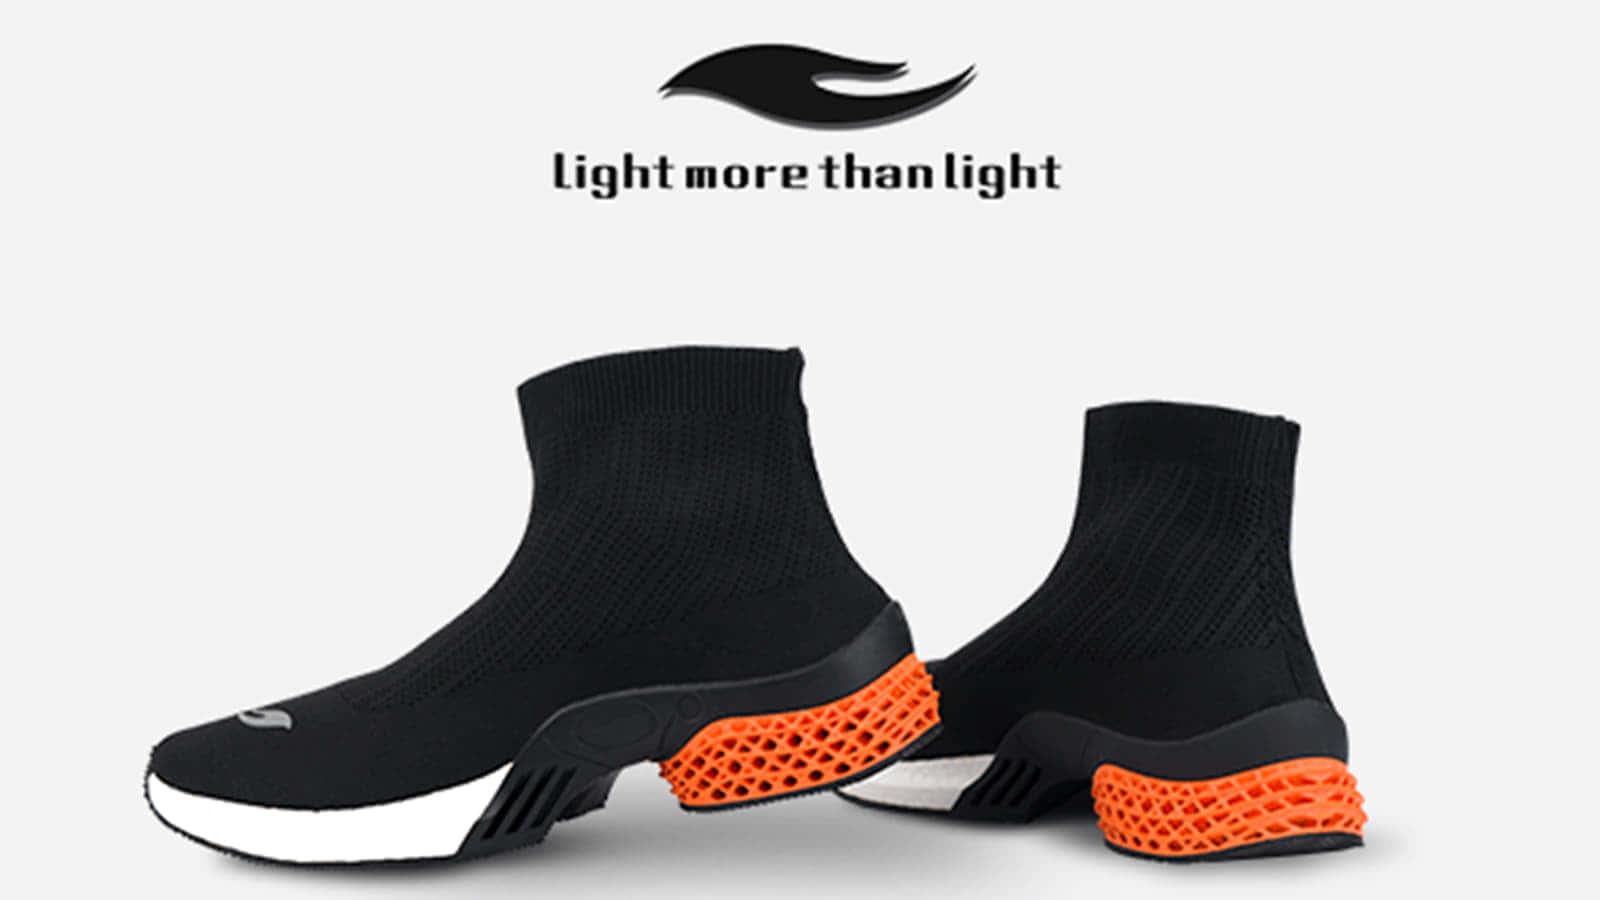 立体網状構造ソールを採用、3Dプリントスニーカー「Light more than light」レビュー[PR]